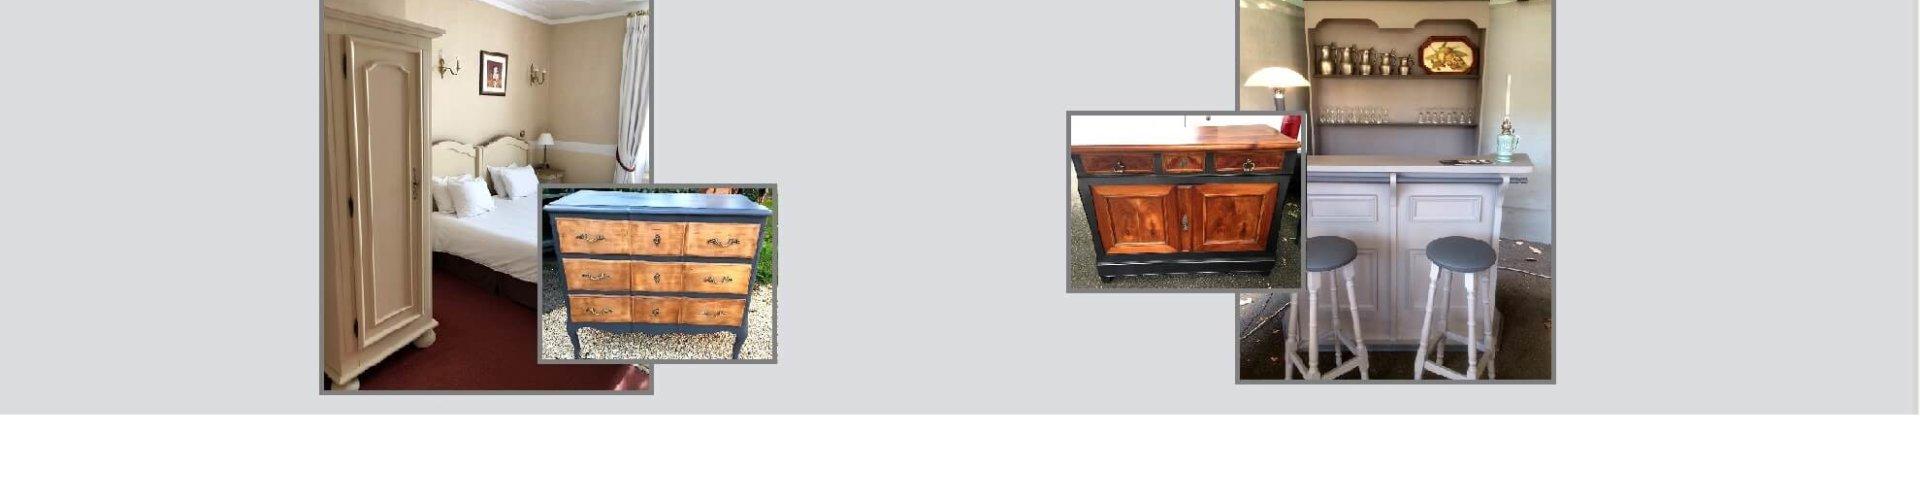 vente de meubles restaurés